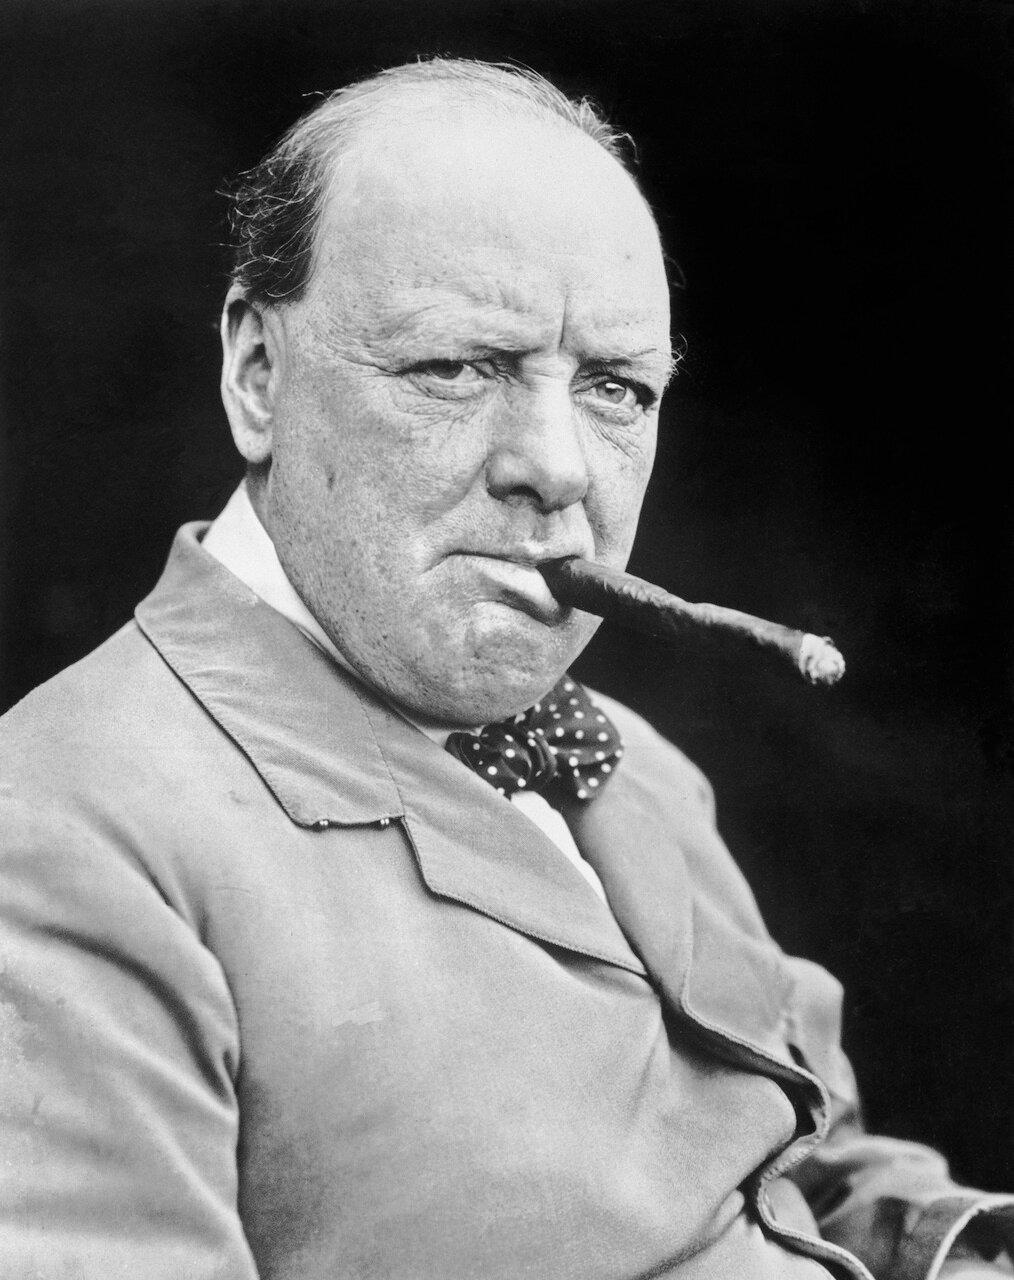 1929. Уинстон Черчилль, бывший канцлер казначейства в кабинете Болдуина, в отеле «Fairmont Banff Springs» города Банф в провинции Альберта во время путешествия по Канаде.  5 сентября.